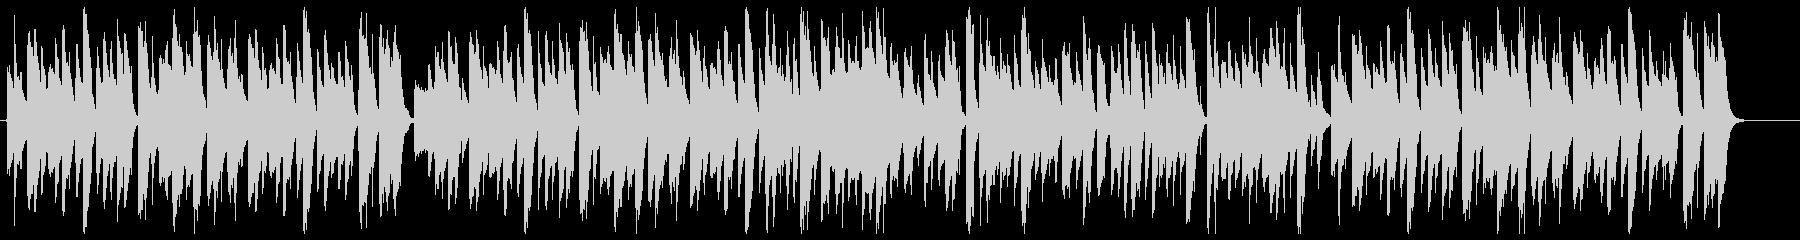 ややコミカルなジャズピアノの未再生の波形